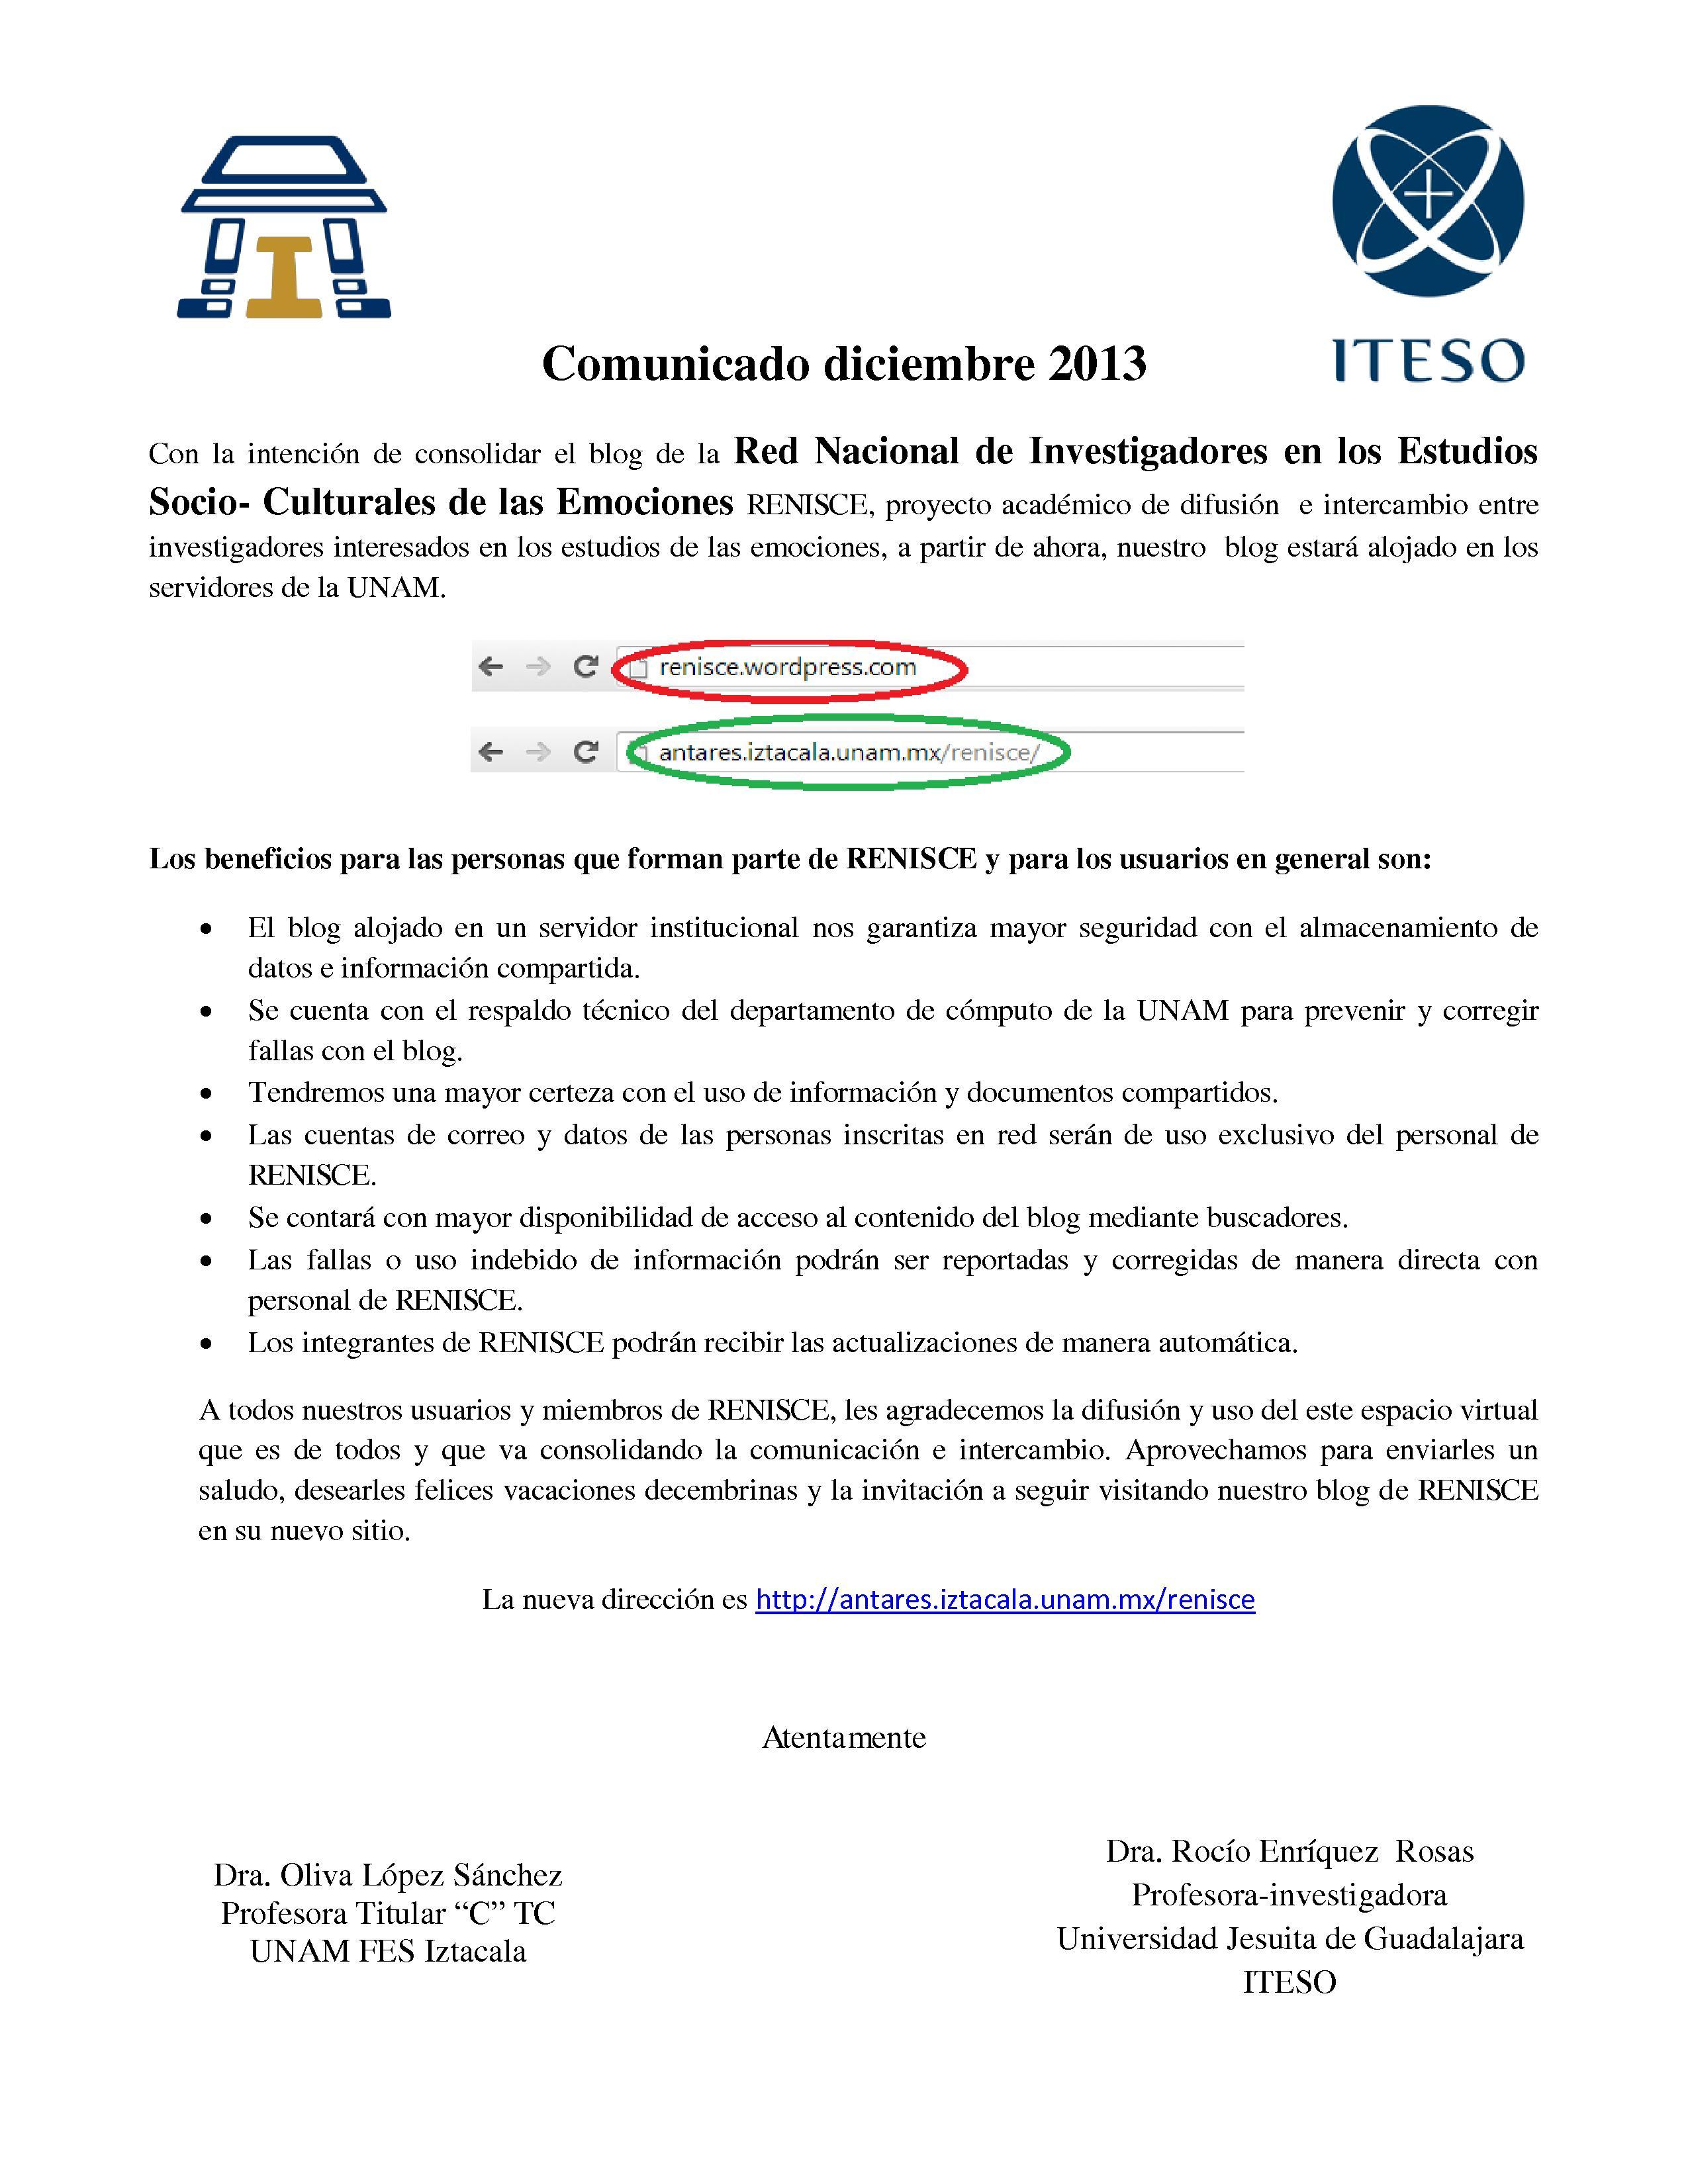 Comunicado cambio1-page1